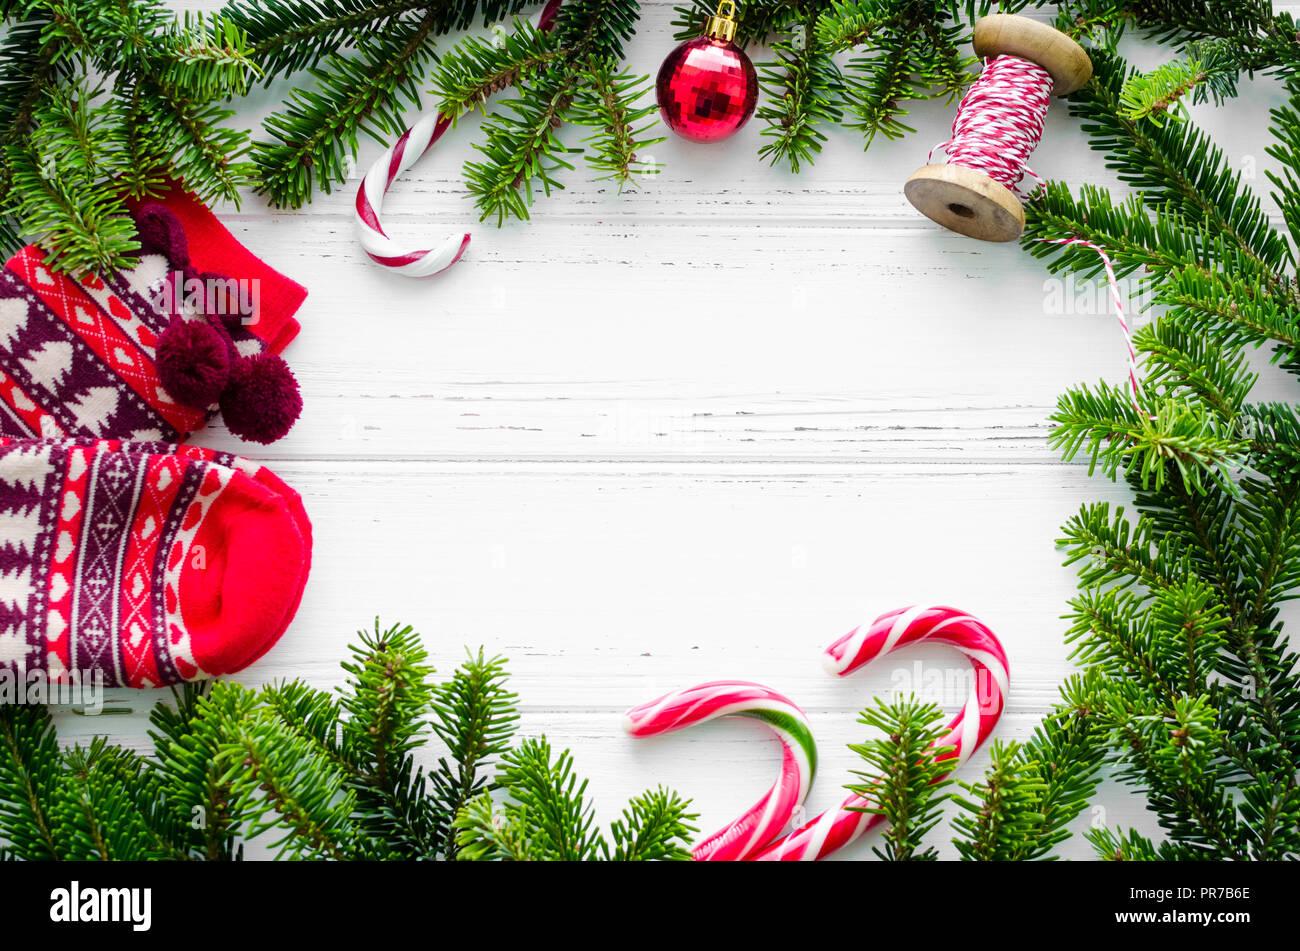 Frohe Weihnachten Rahmen.Weihnachten Rahmen Von Tannenbaum äste Urlaub Socken Und